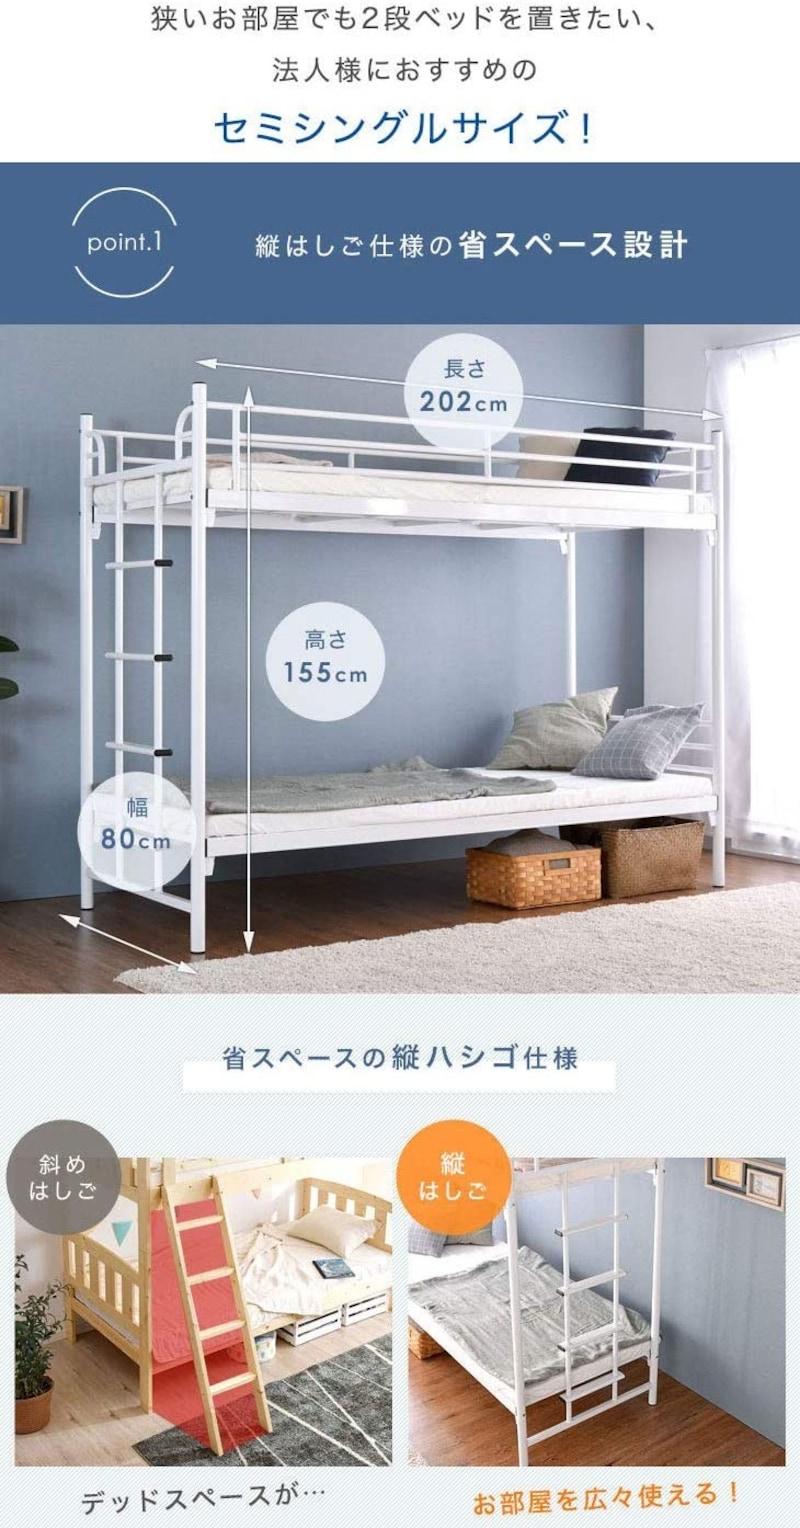 タンスのゲン,セミシングルサイズ 二段ベッド,63953